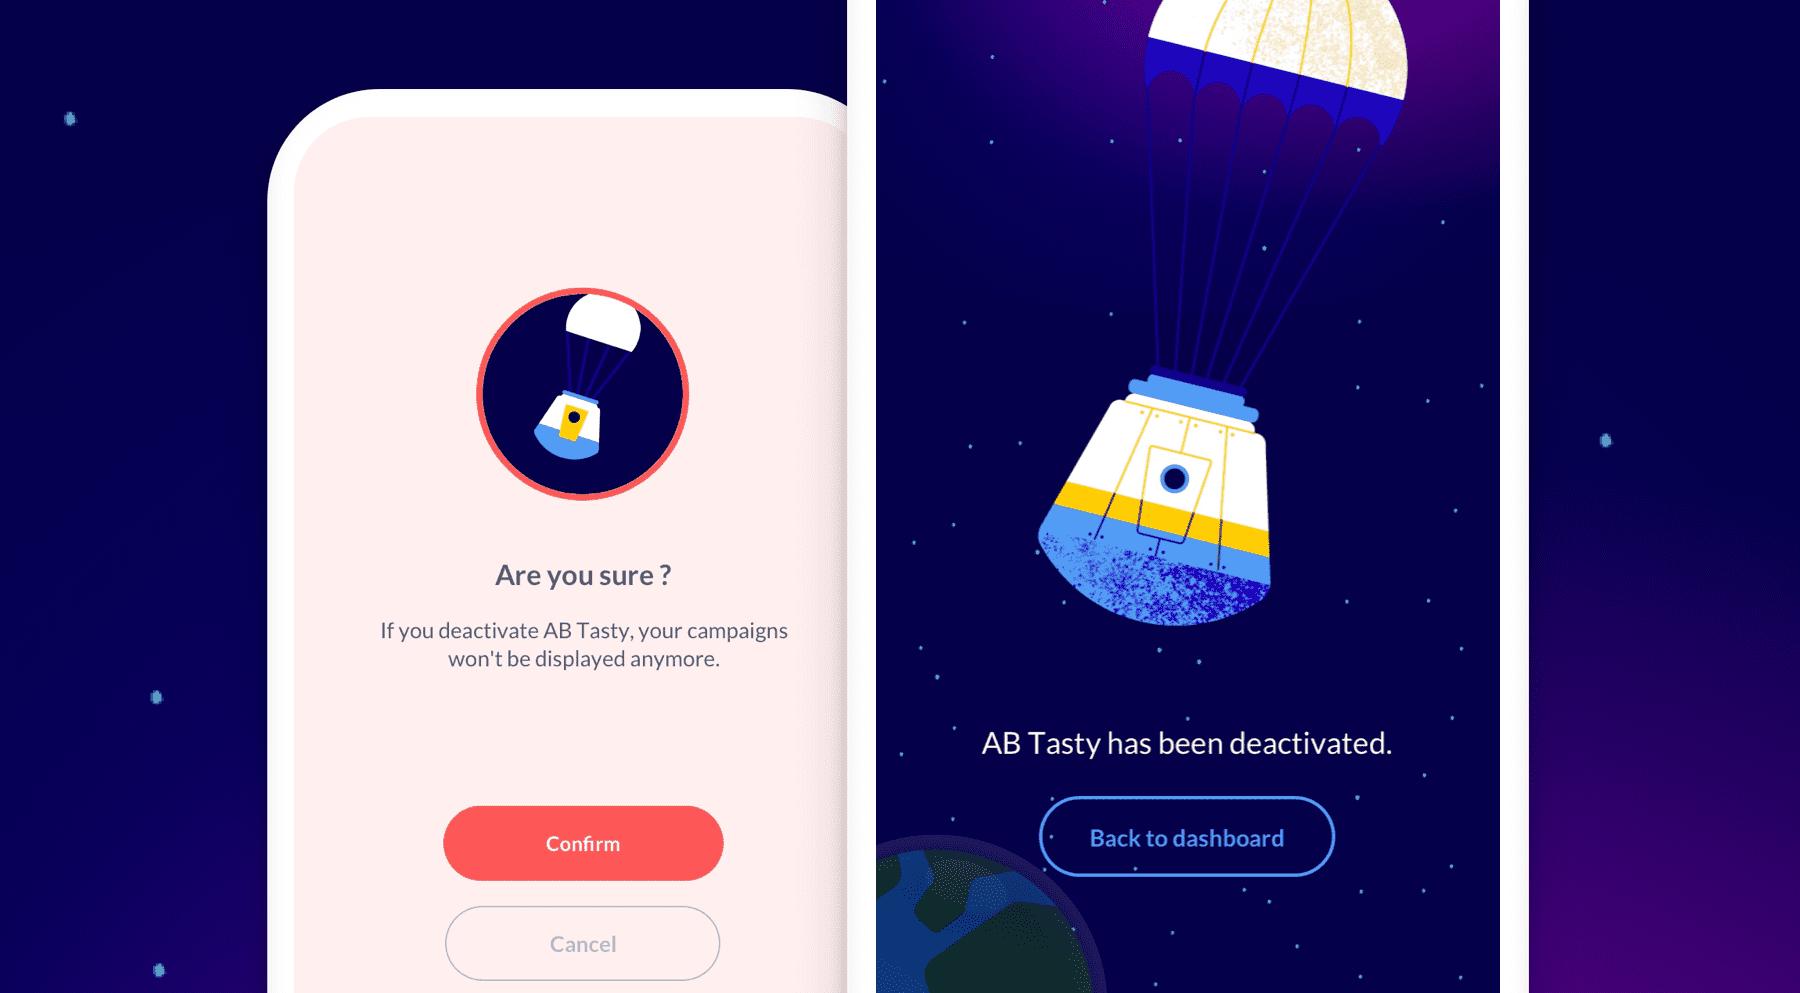 App móvil AB Tasty desactivado